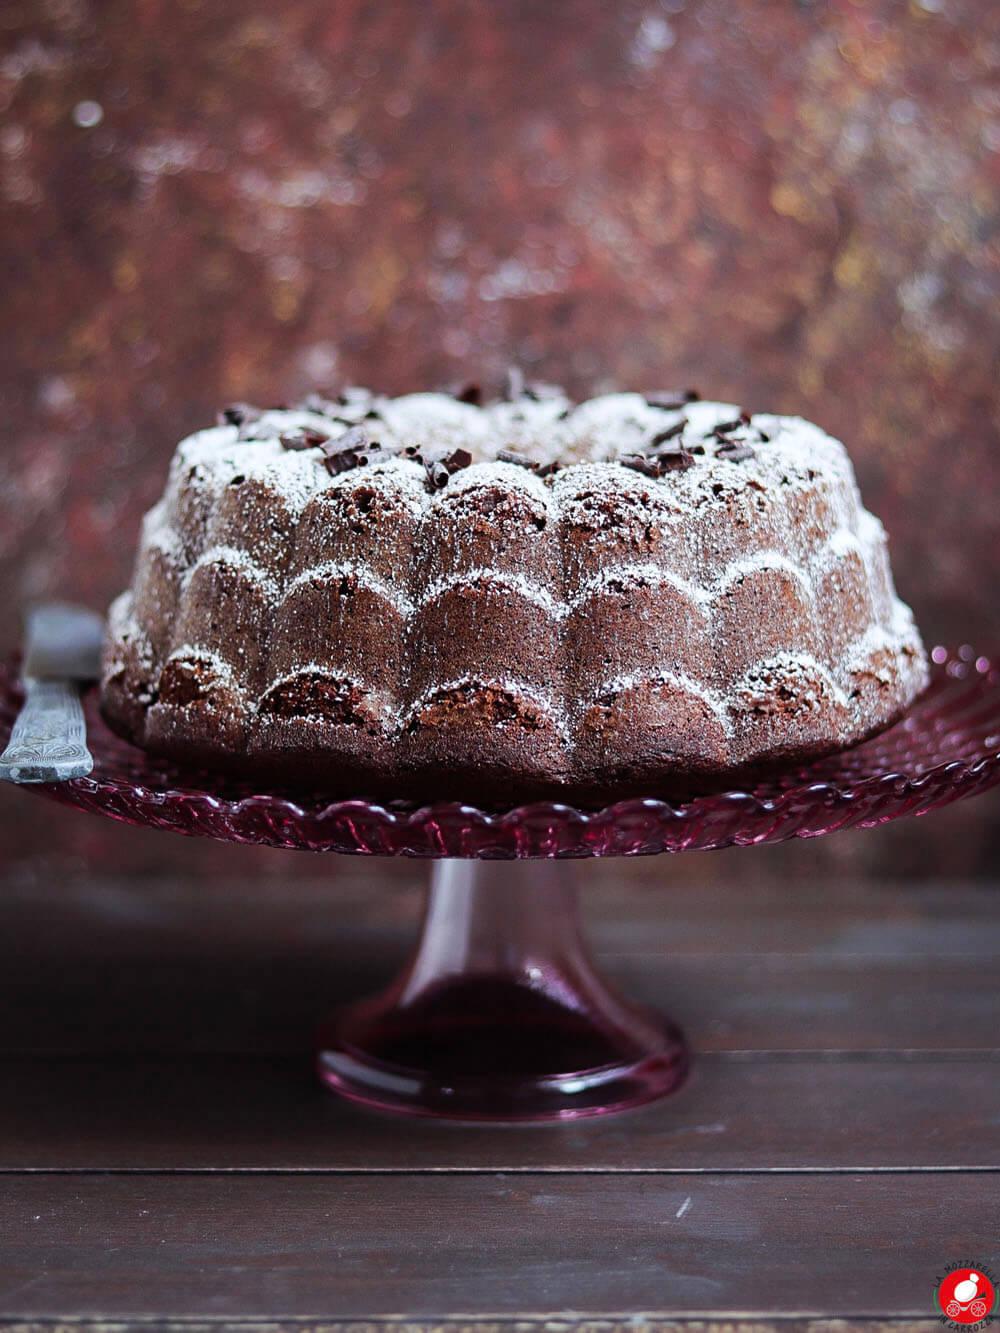 La Mozzarella In Carrozza - Bundt cake al cioccolato e caffè